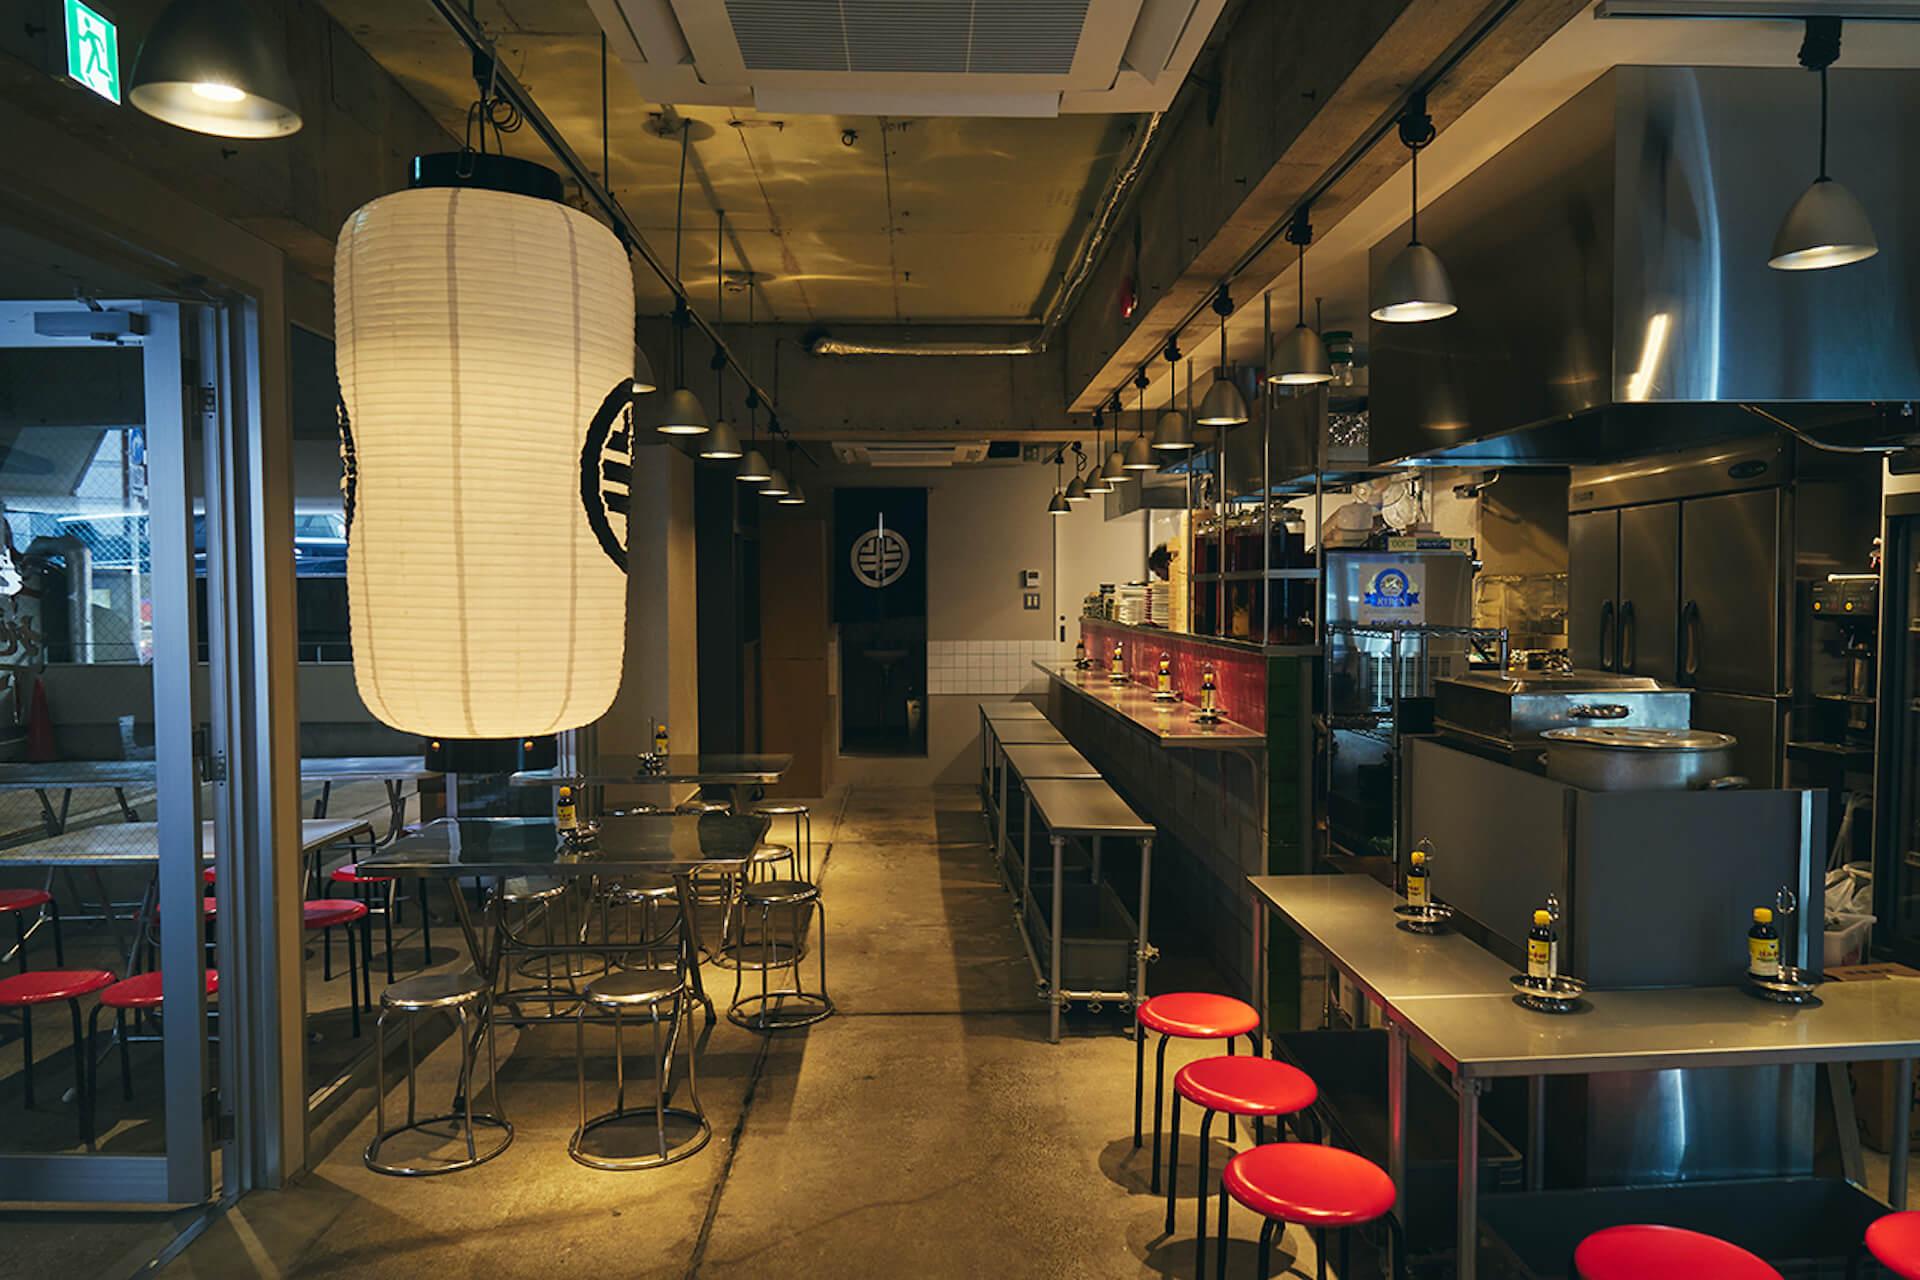 渋谷の食とカルチャーを体現できる渋谷 半地下酒場がグランドオープン! culture210621_hanchika4